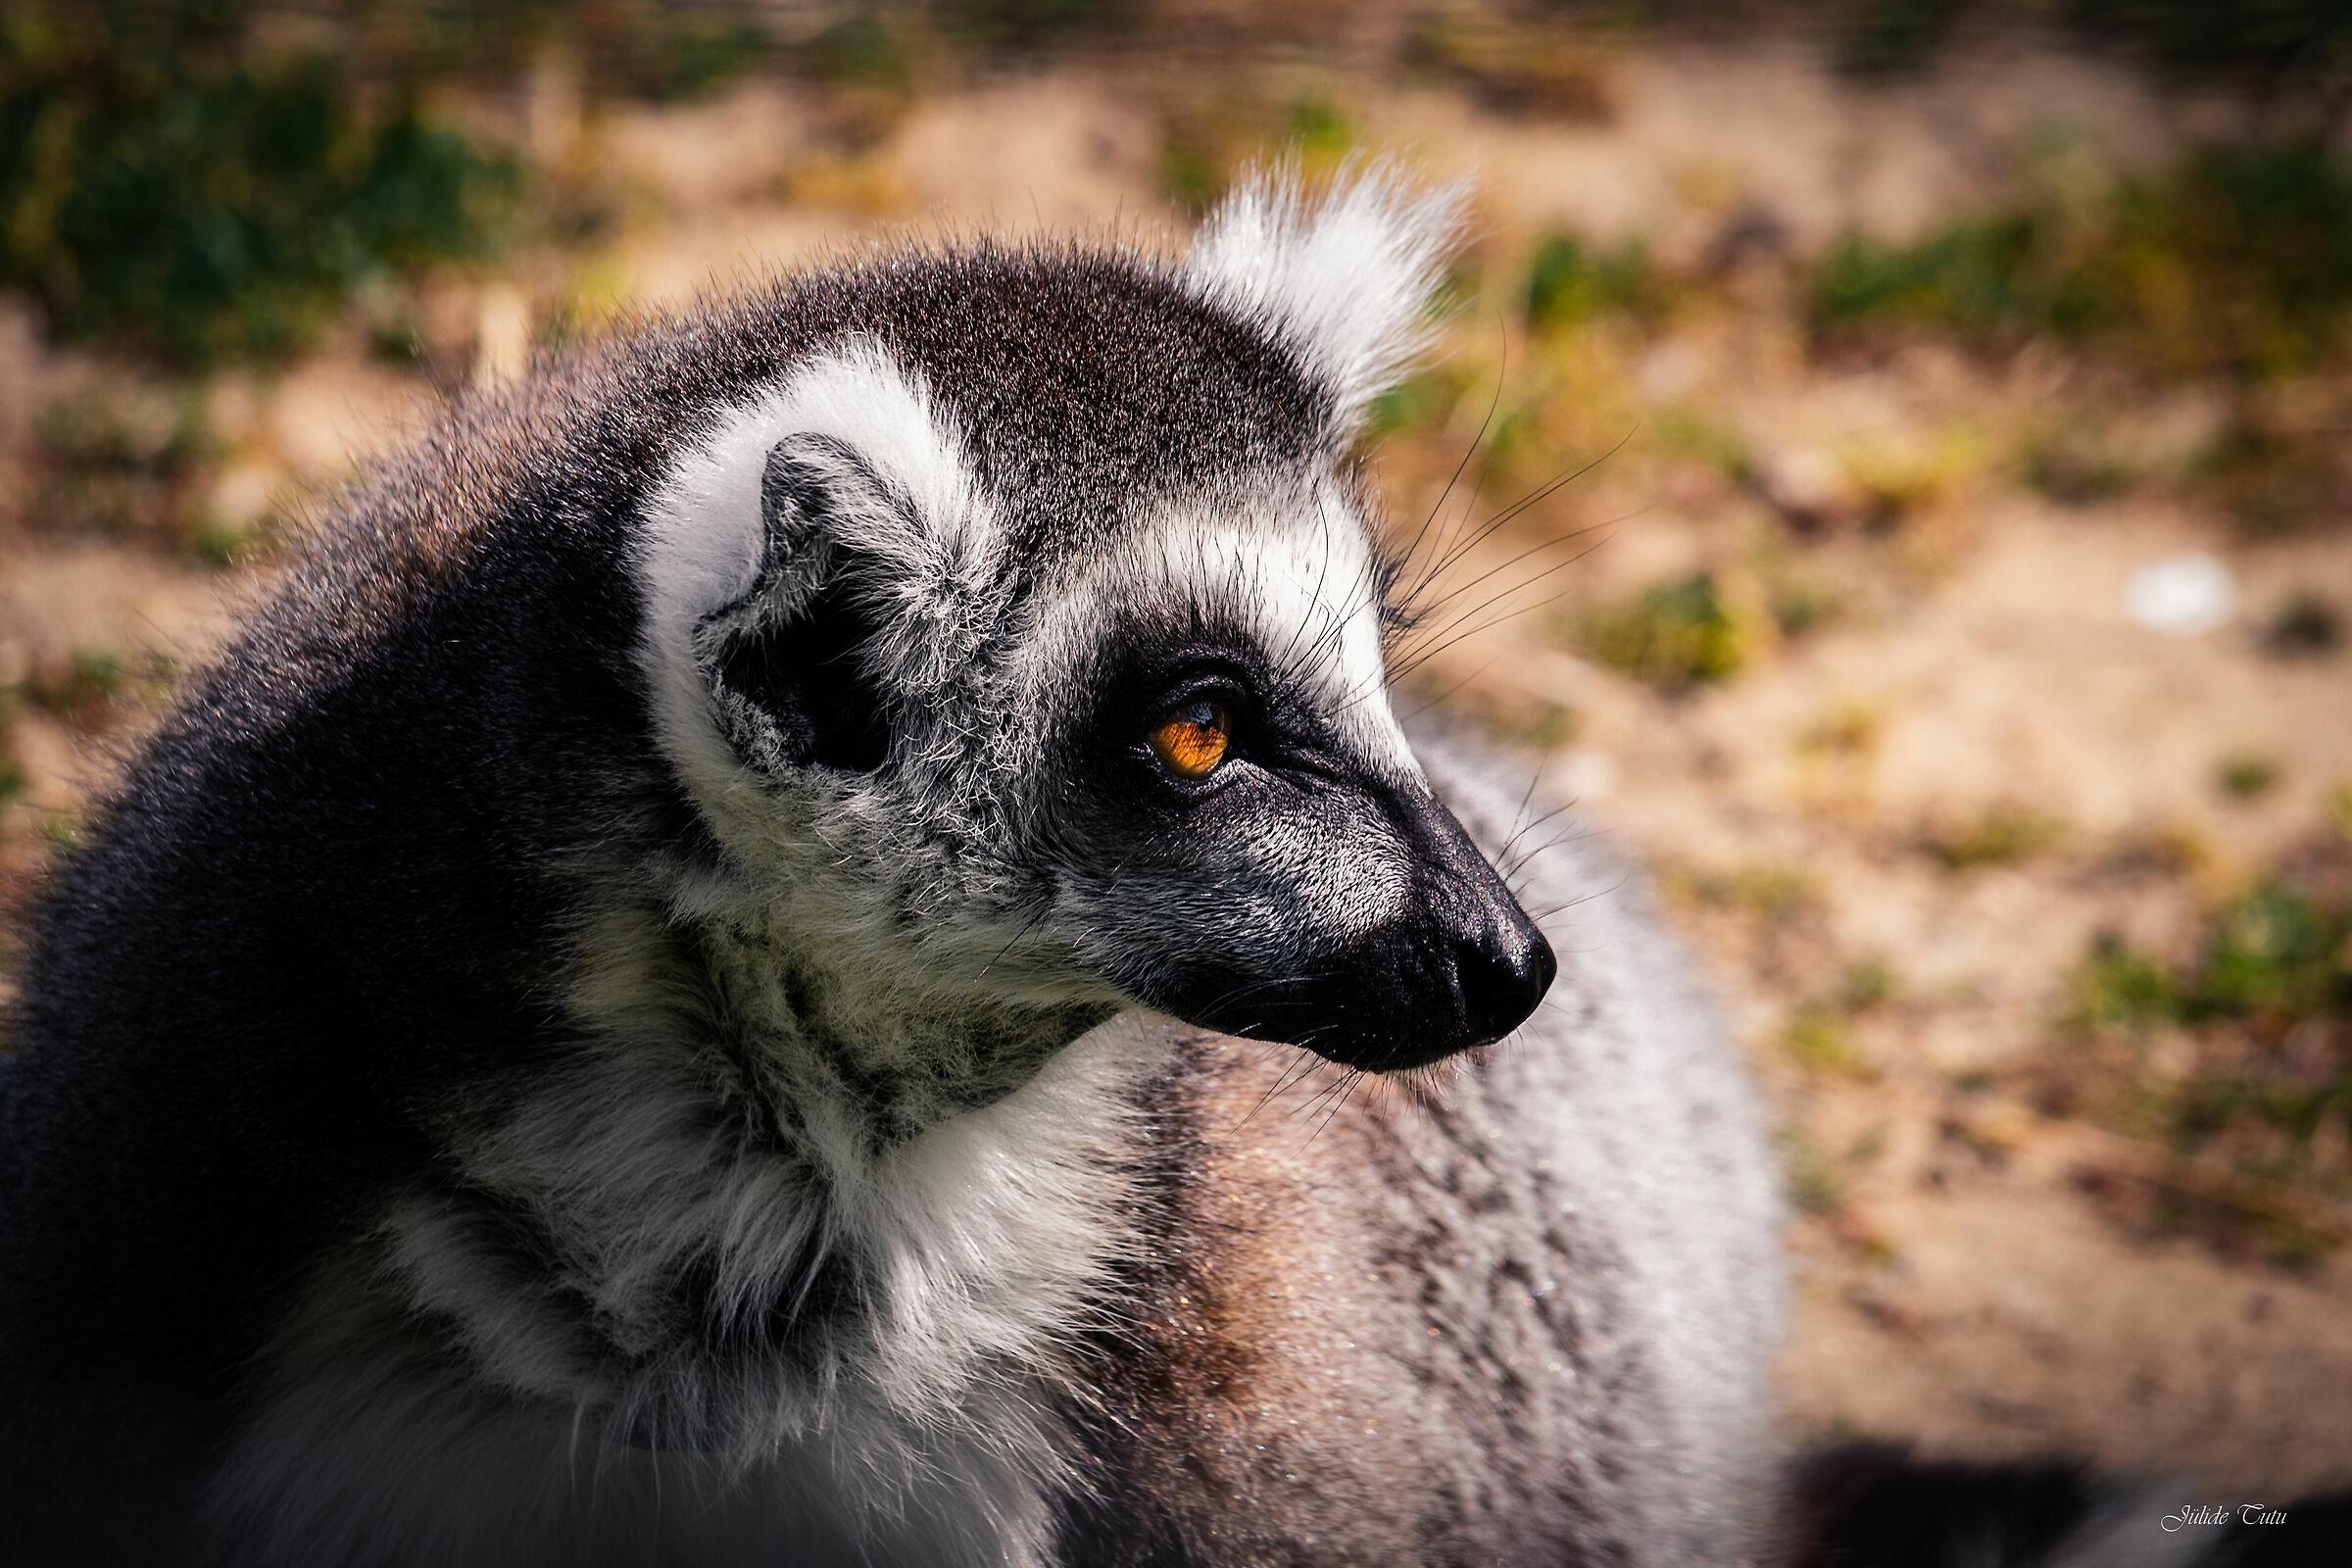 A Lemur's Portrait...